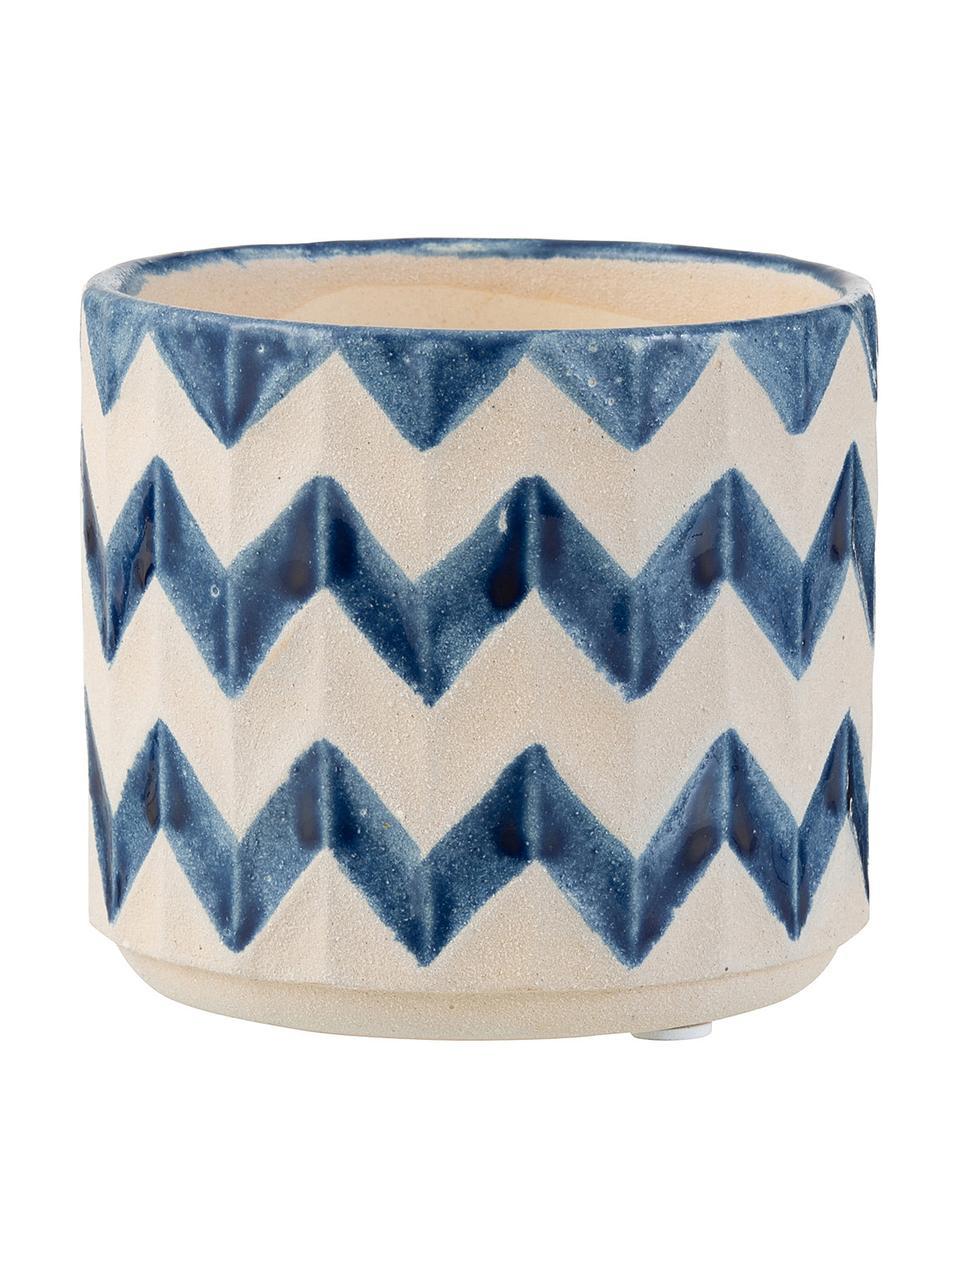 Doniczka Zigzag, Ceramika, Niebieski, jasny beżowy, Ø 8 x W 7 cm